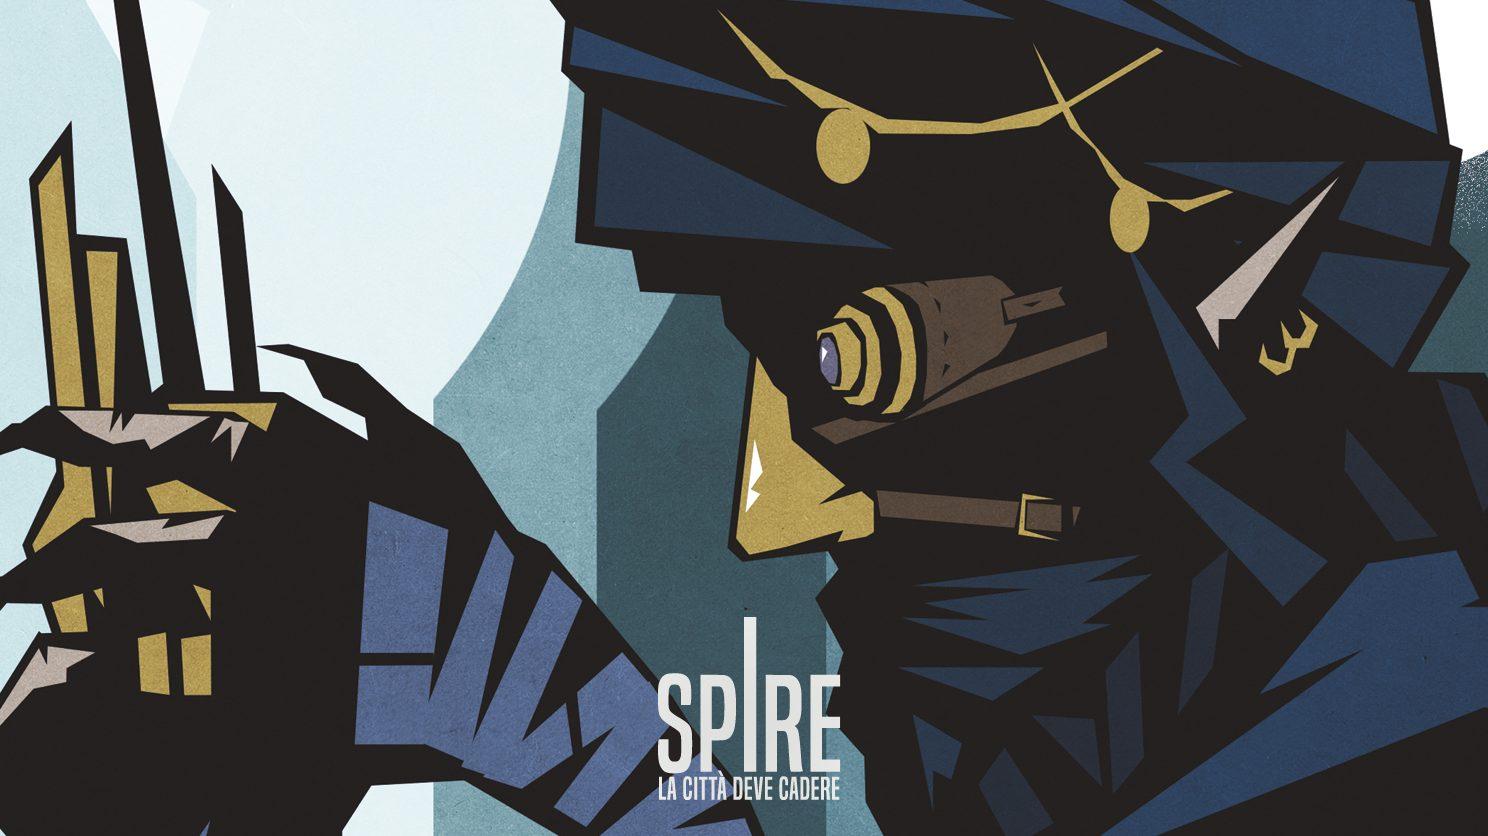 Debutta Spire, un nuovo gioco di ruolo fantasy punk thumbnail